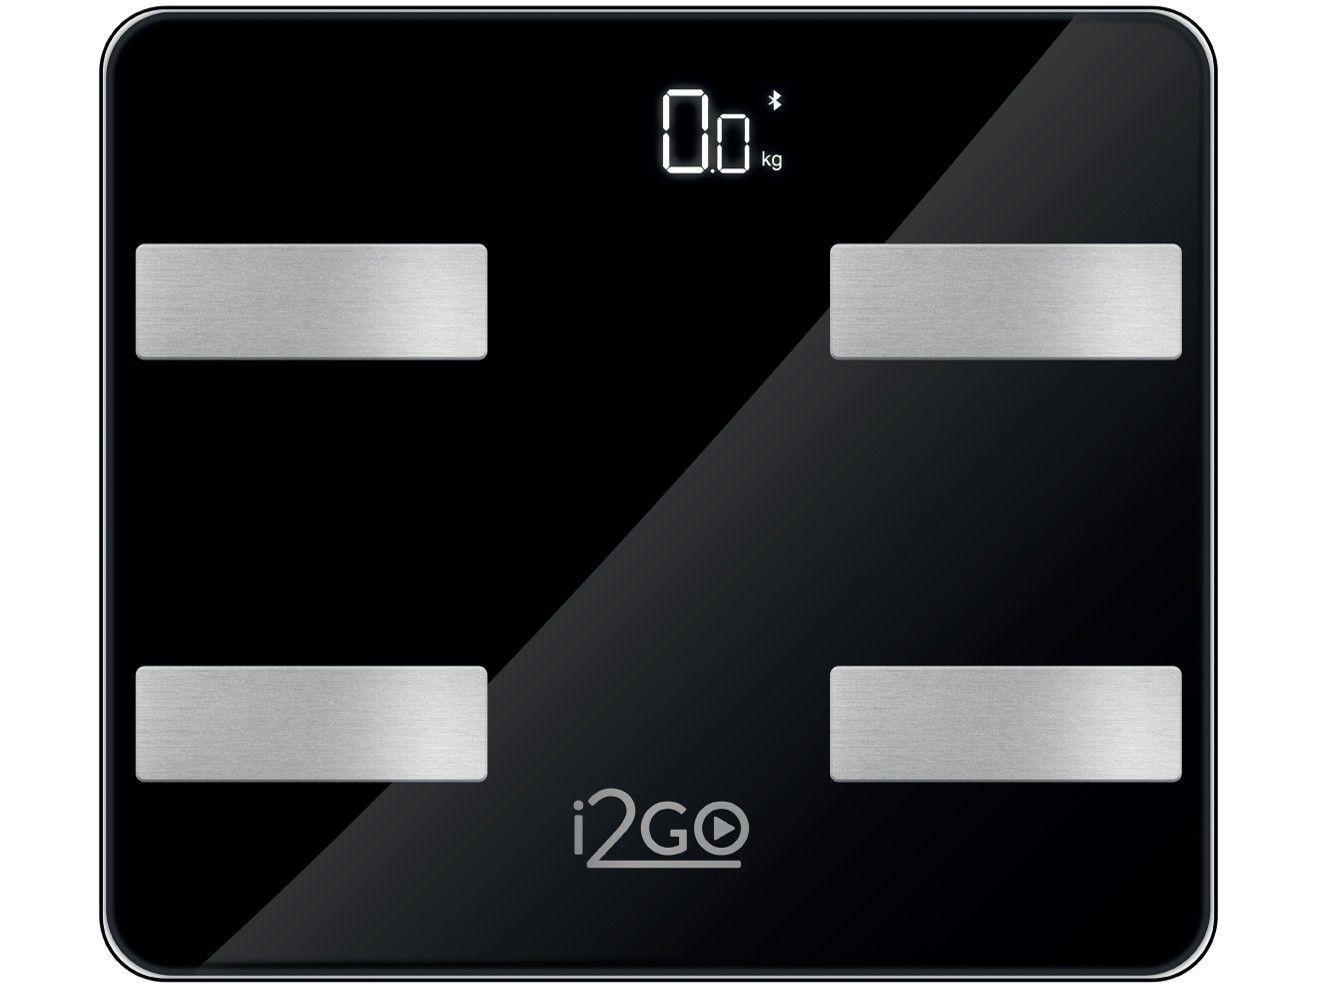 Balança Digital de Bioimpedância Bluetooth - até 180kg i2GO Home Smart Scale Fit